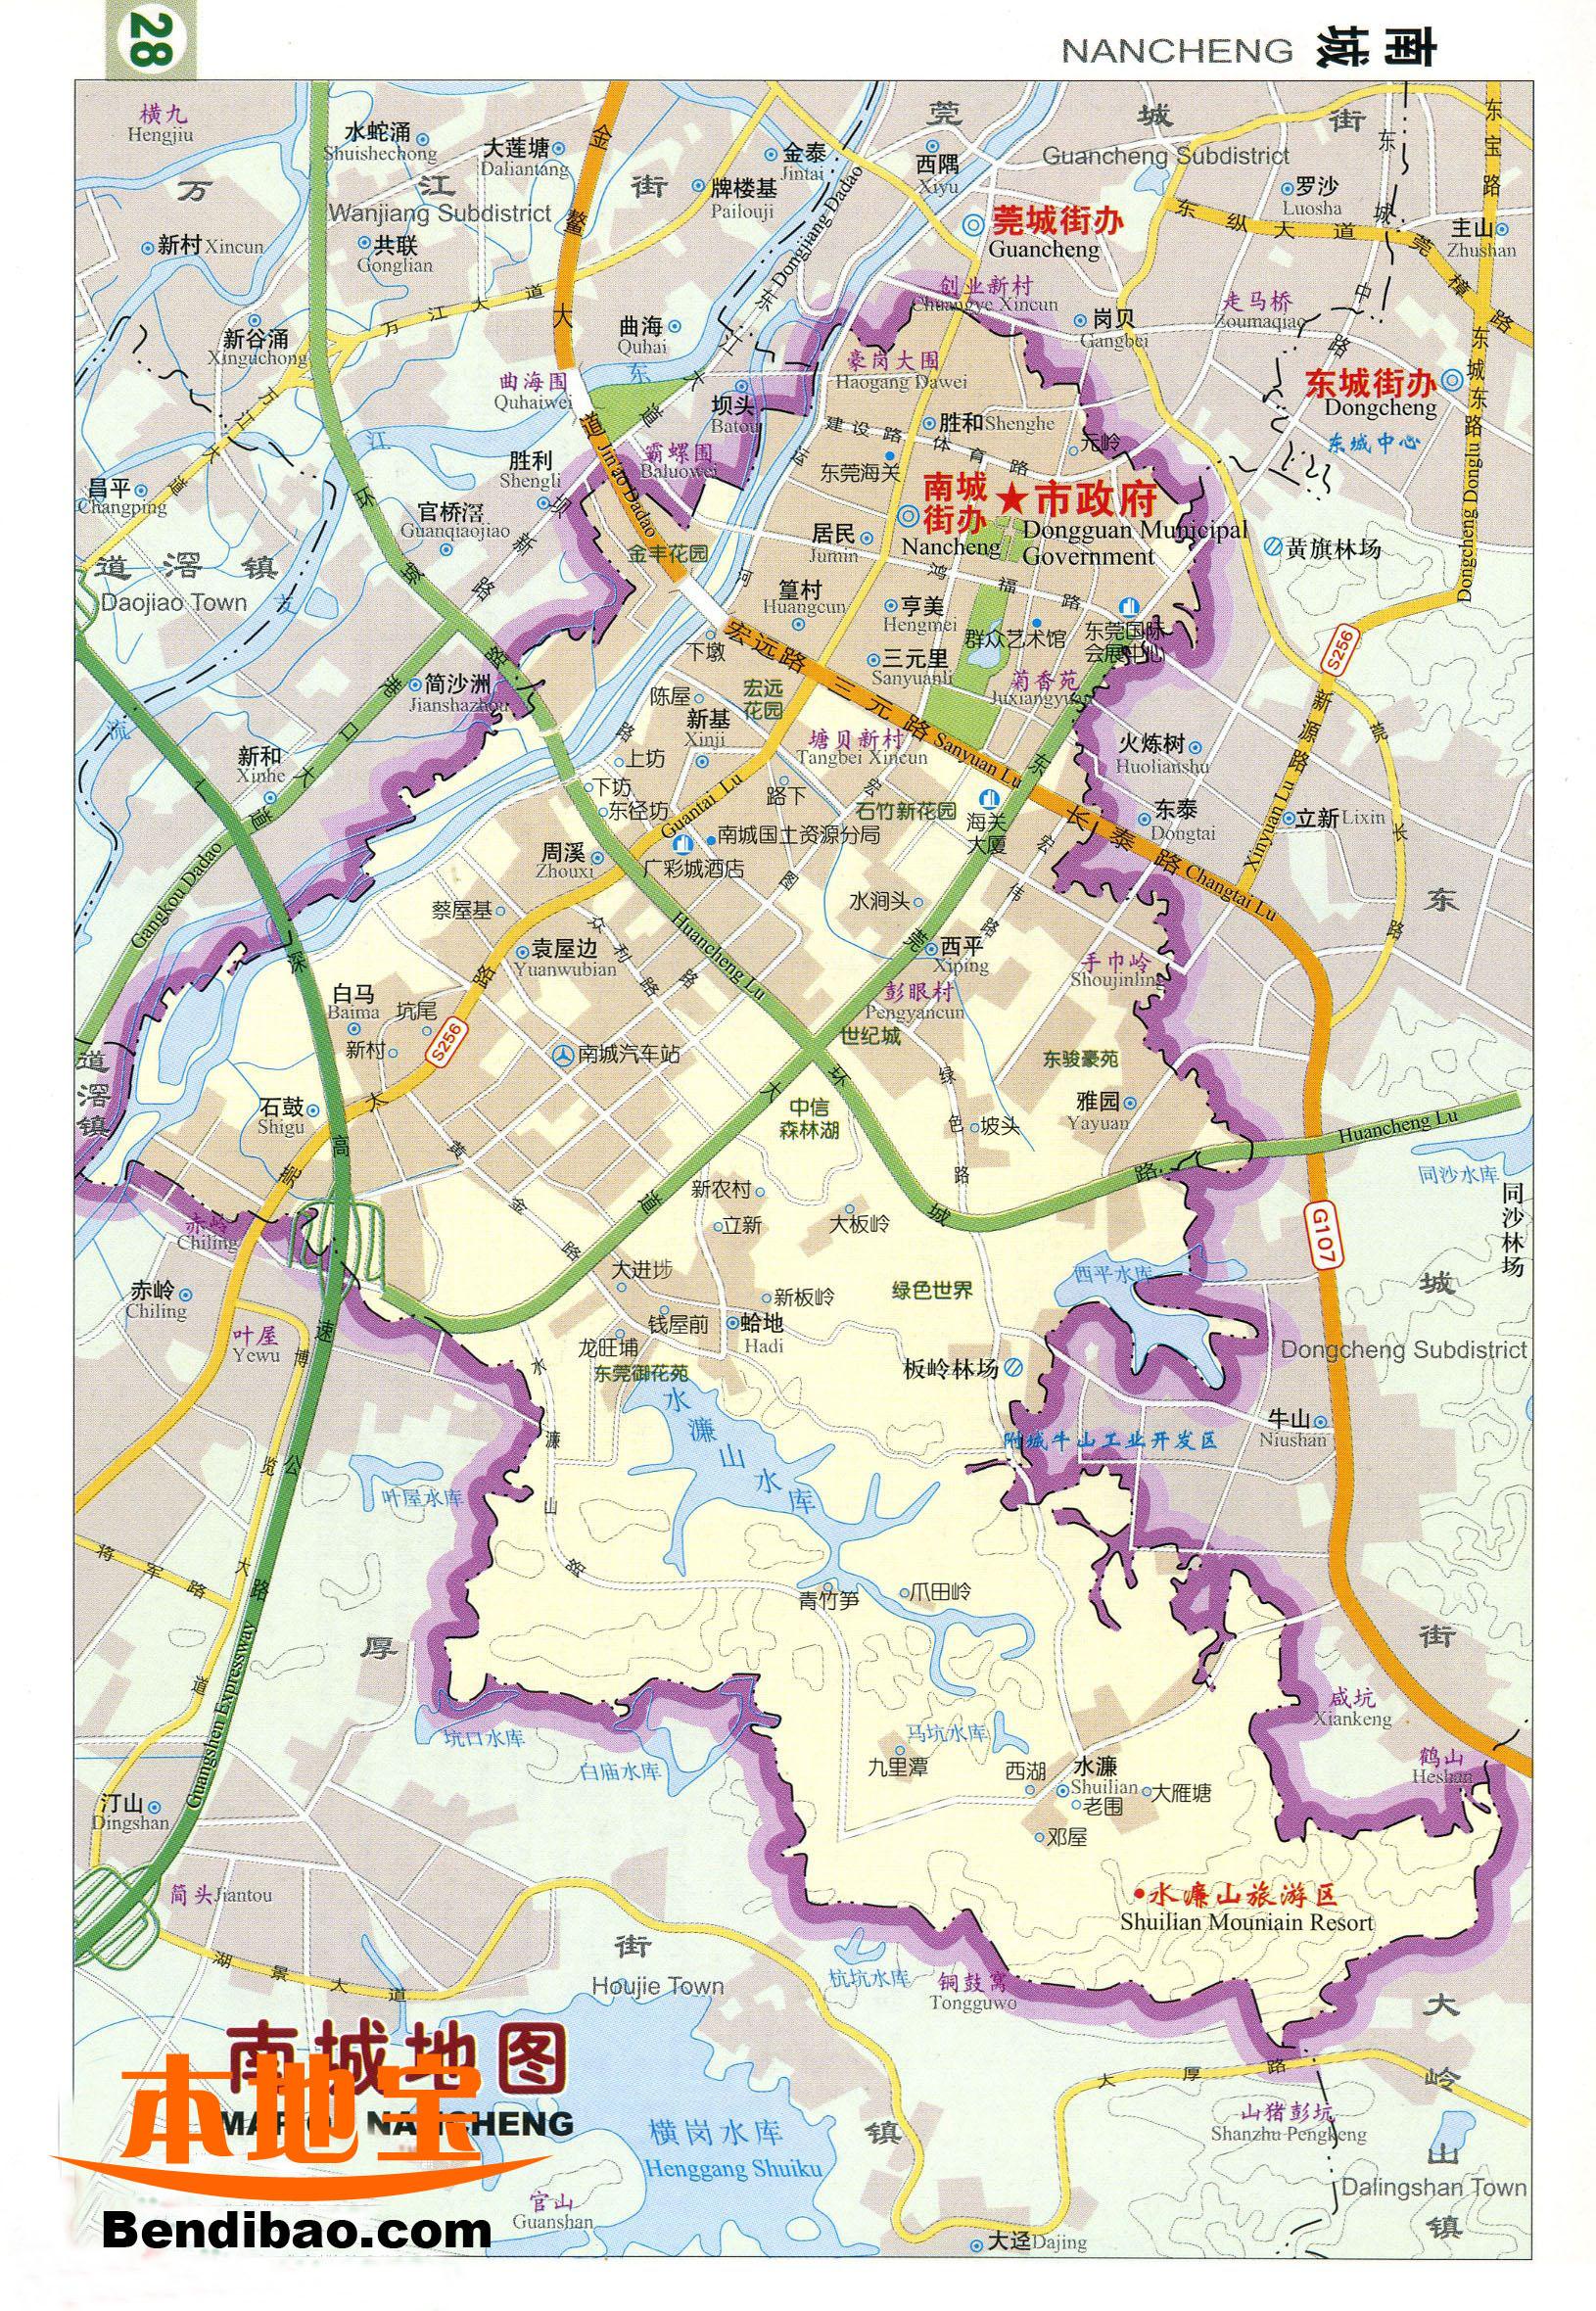 东莞南城地图